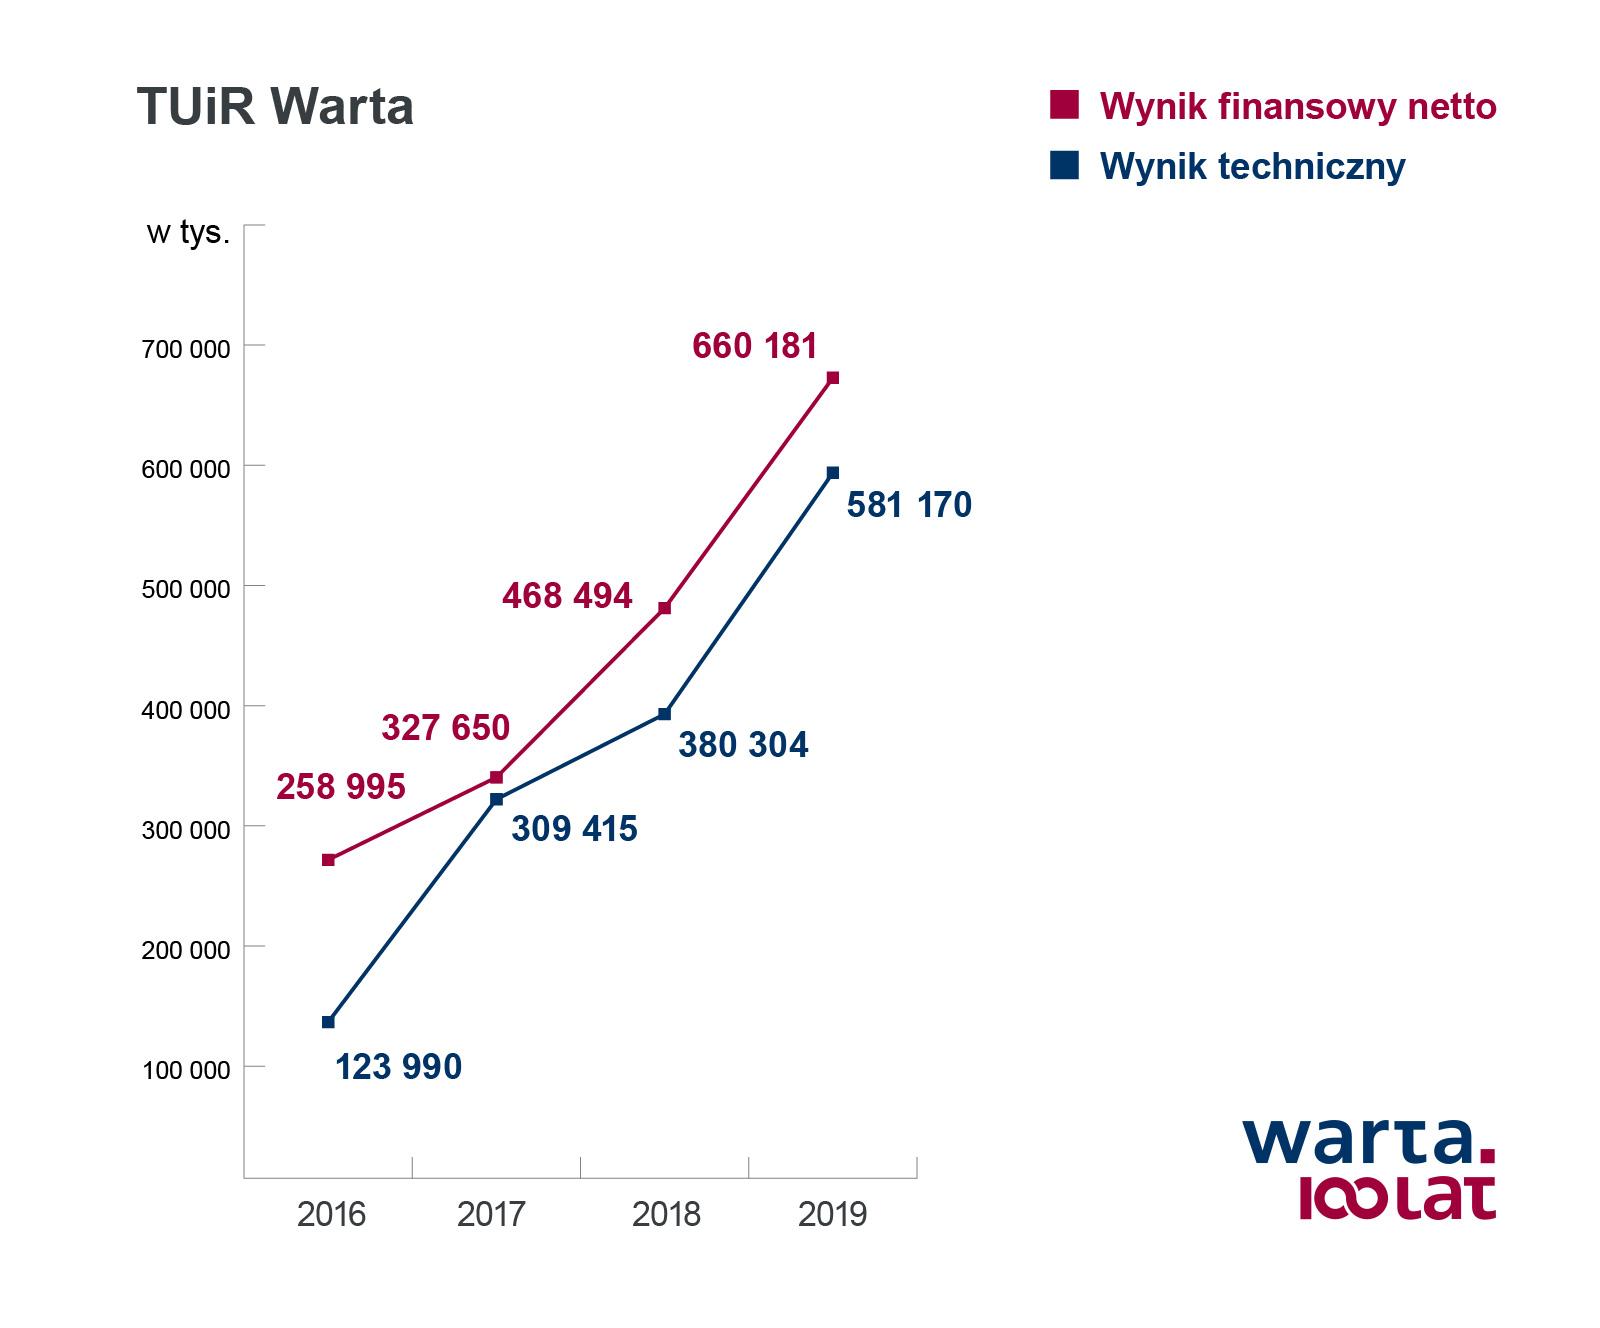 TUiR_Warta_wynik_finansowy